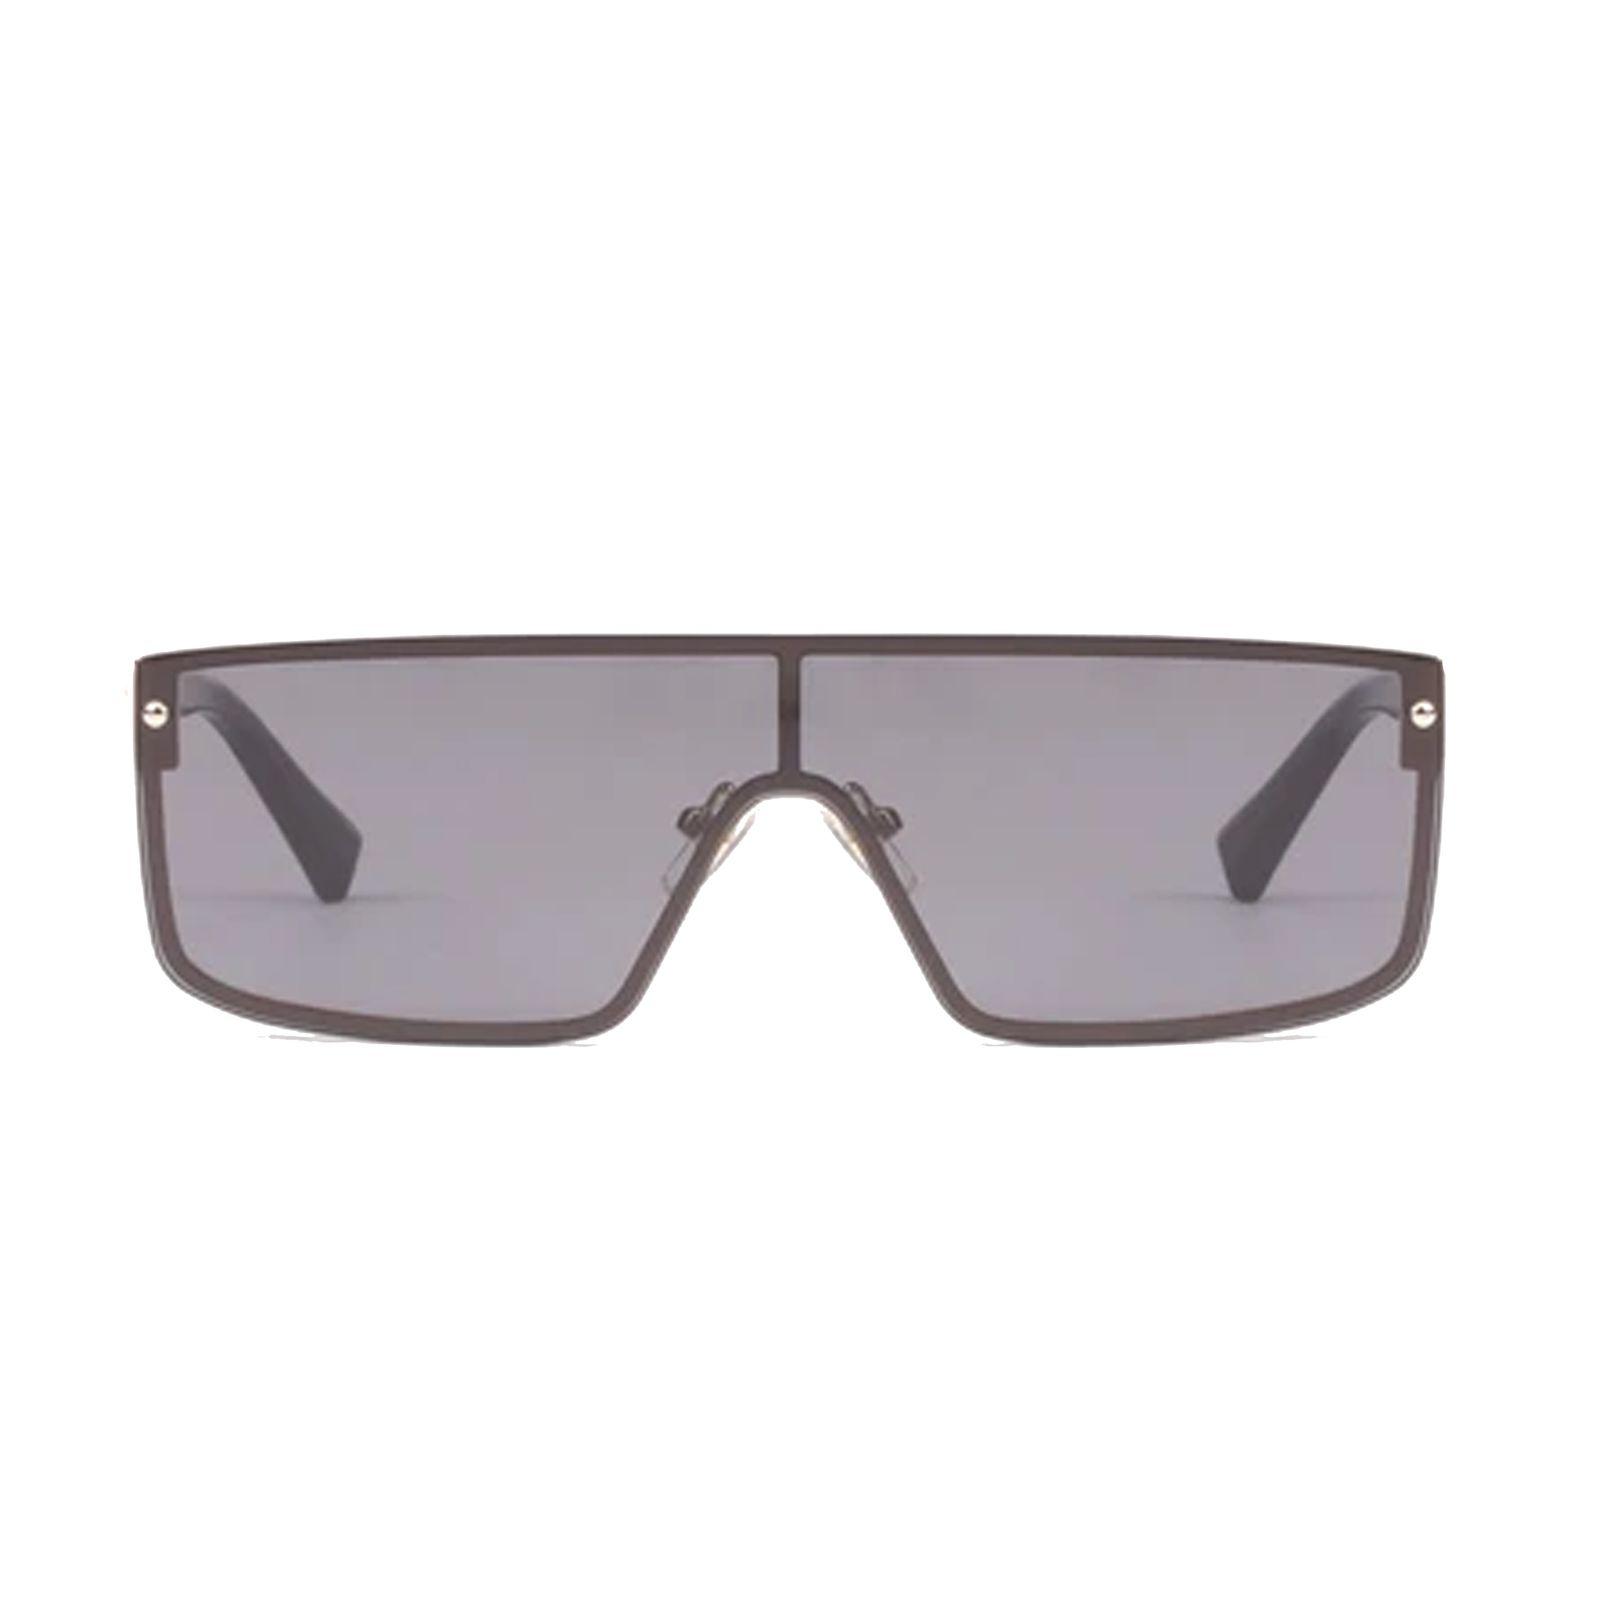 عینک آفتابی هاوکرز سری Gold Dark Dream مدل H02FHM0601 -  - 1